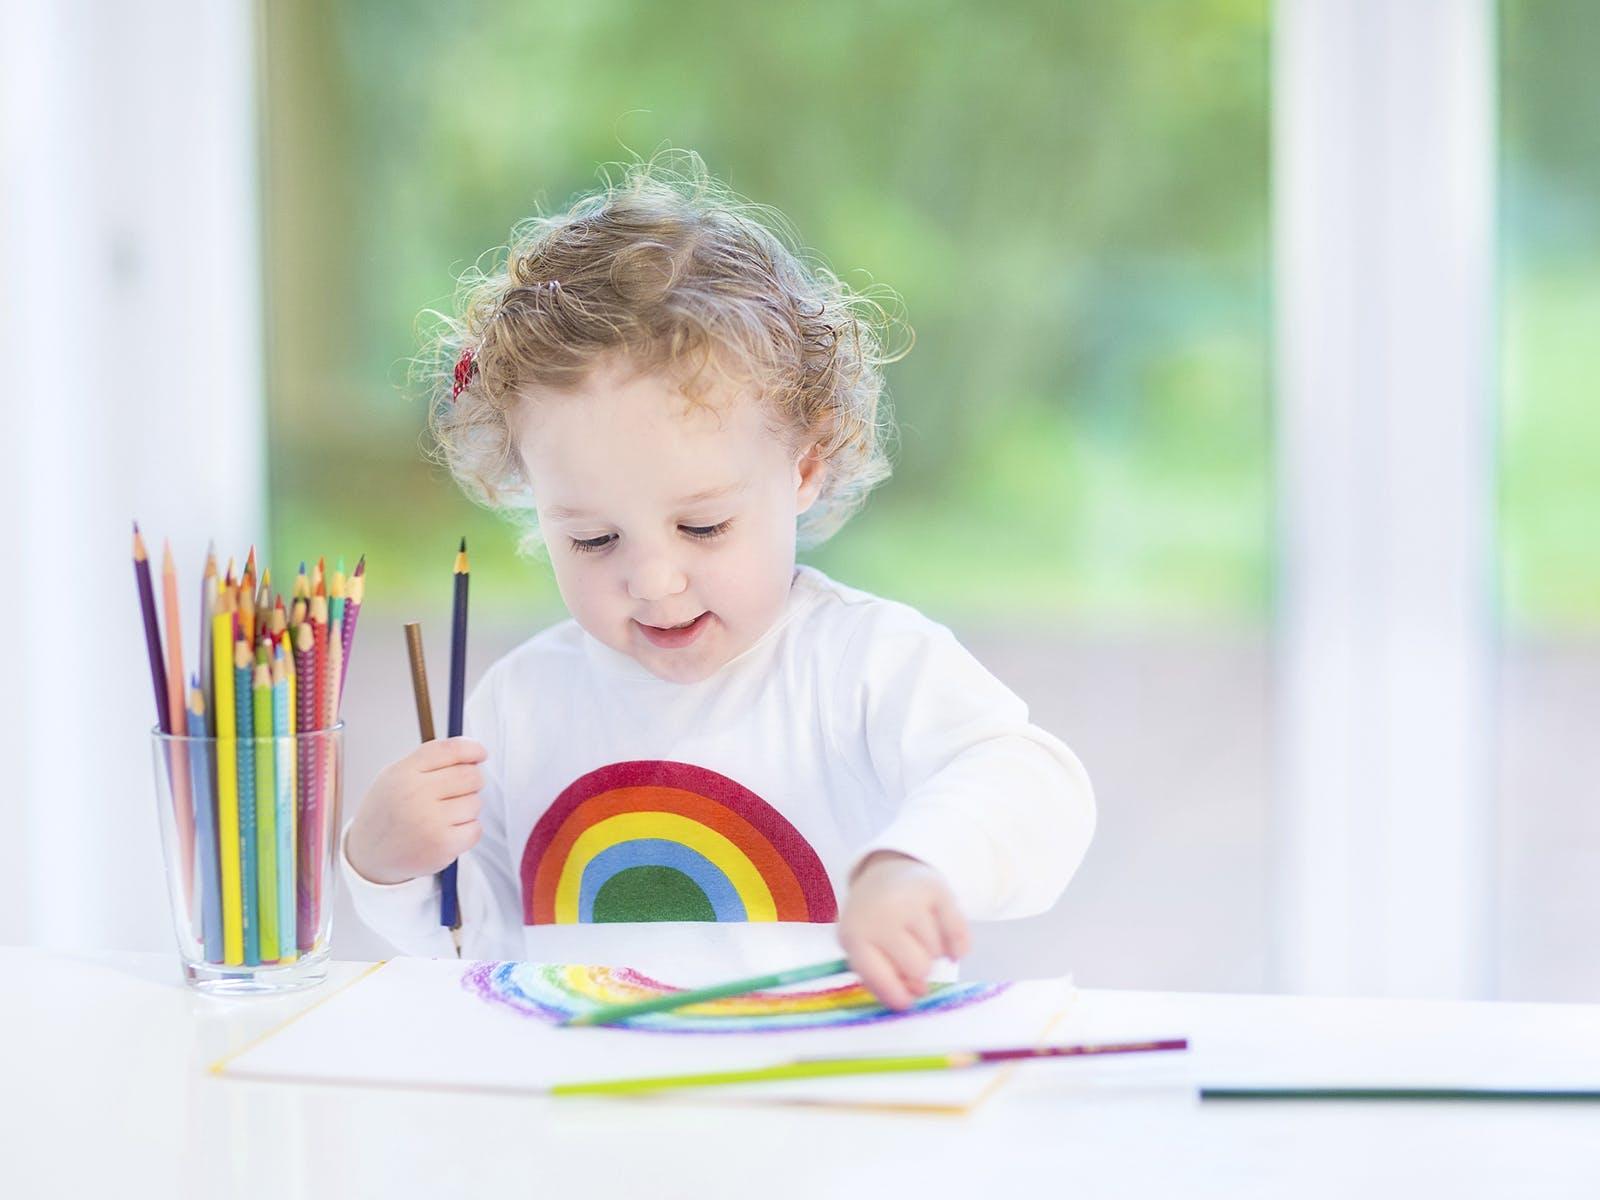 Dessins enfants tous sur leur significationparents fr parents fr